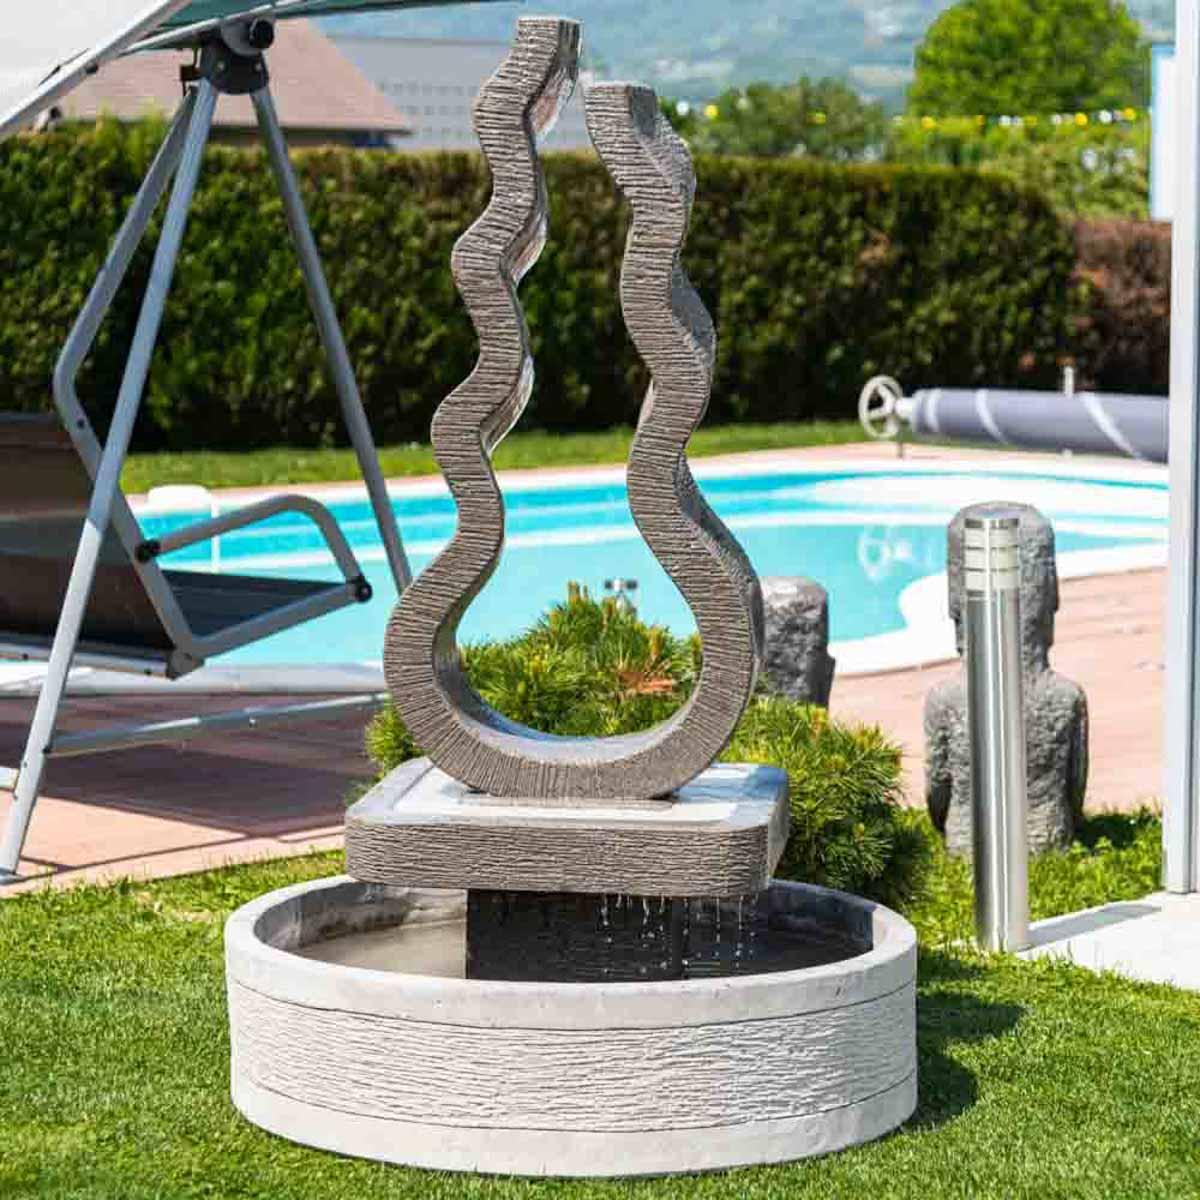 fontaine de jardin fontaine exterieur gris ciment 160cm. Black Bedroom Furniture Sets. Home Design Ideas